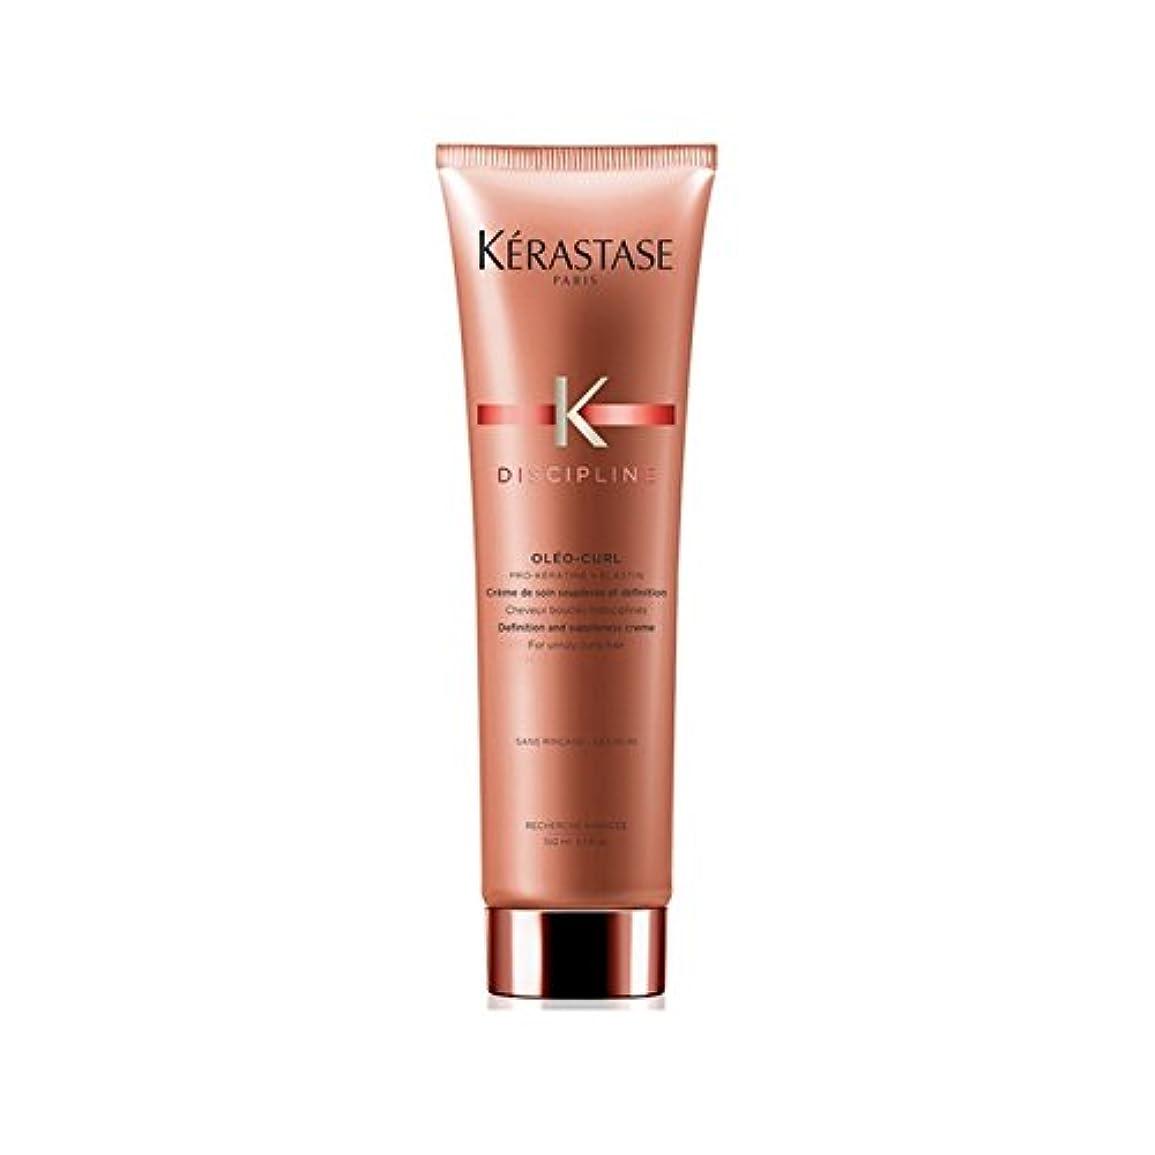 スキーム等誠意理想的なクレンジングコンディショナー400ミリリットルカールケラスターゼの規律 x2 - K?rastase Discipline Curl Ideal Cleansing Conditioner 400ml (Pack...